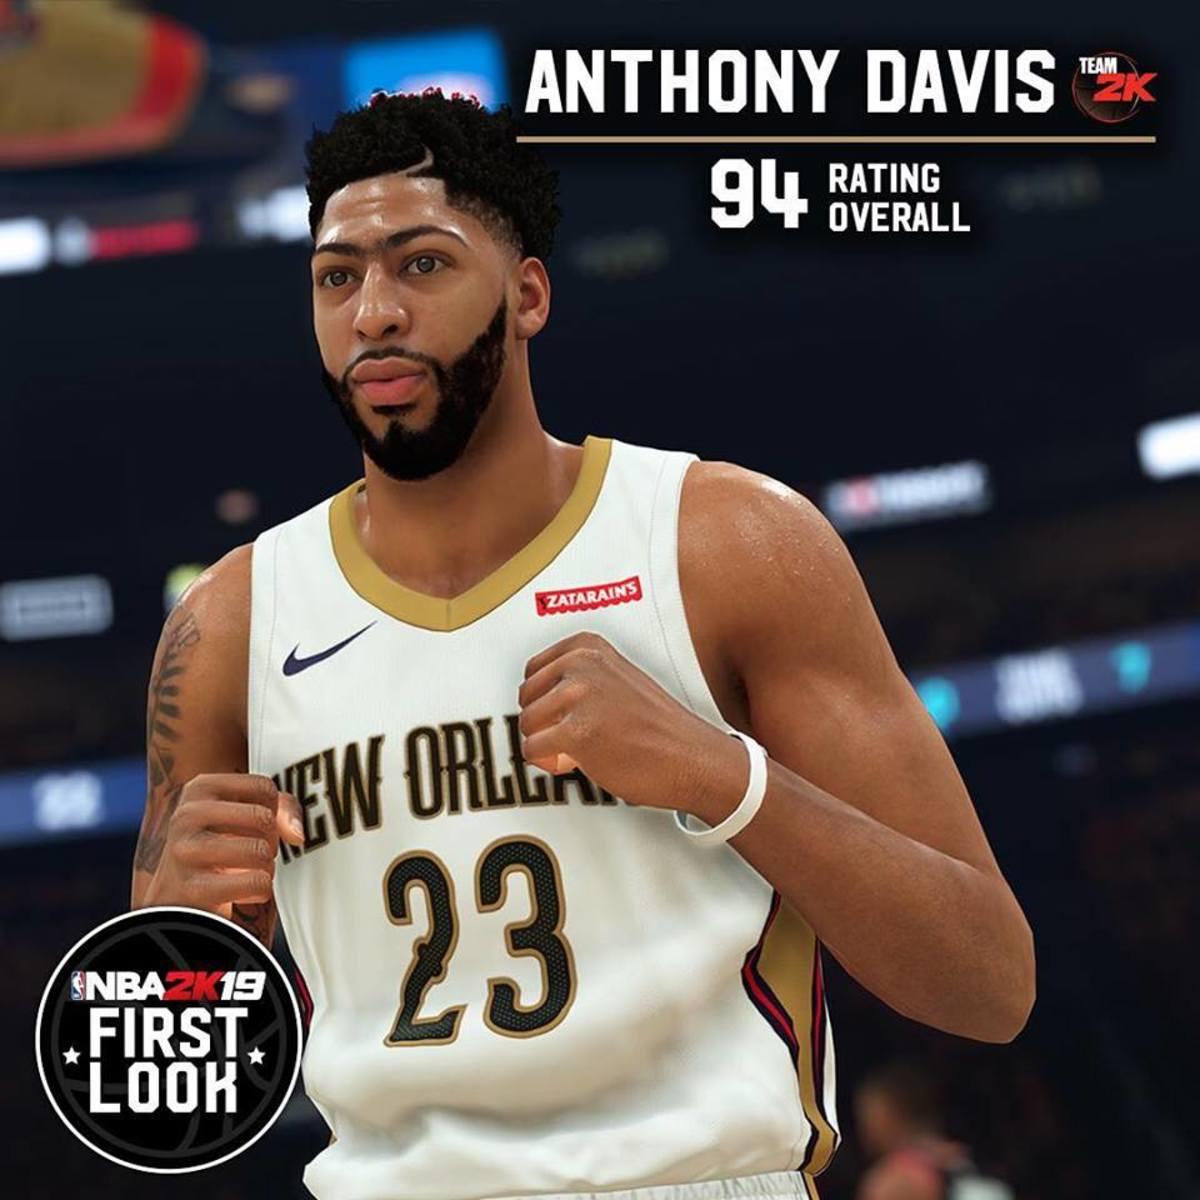 Anthony Davis 2k